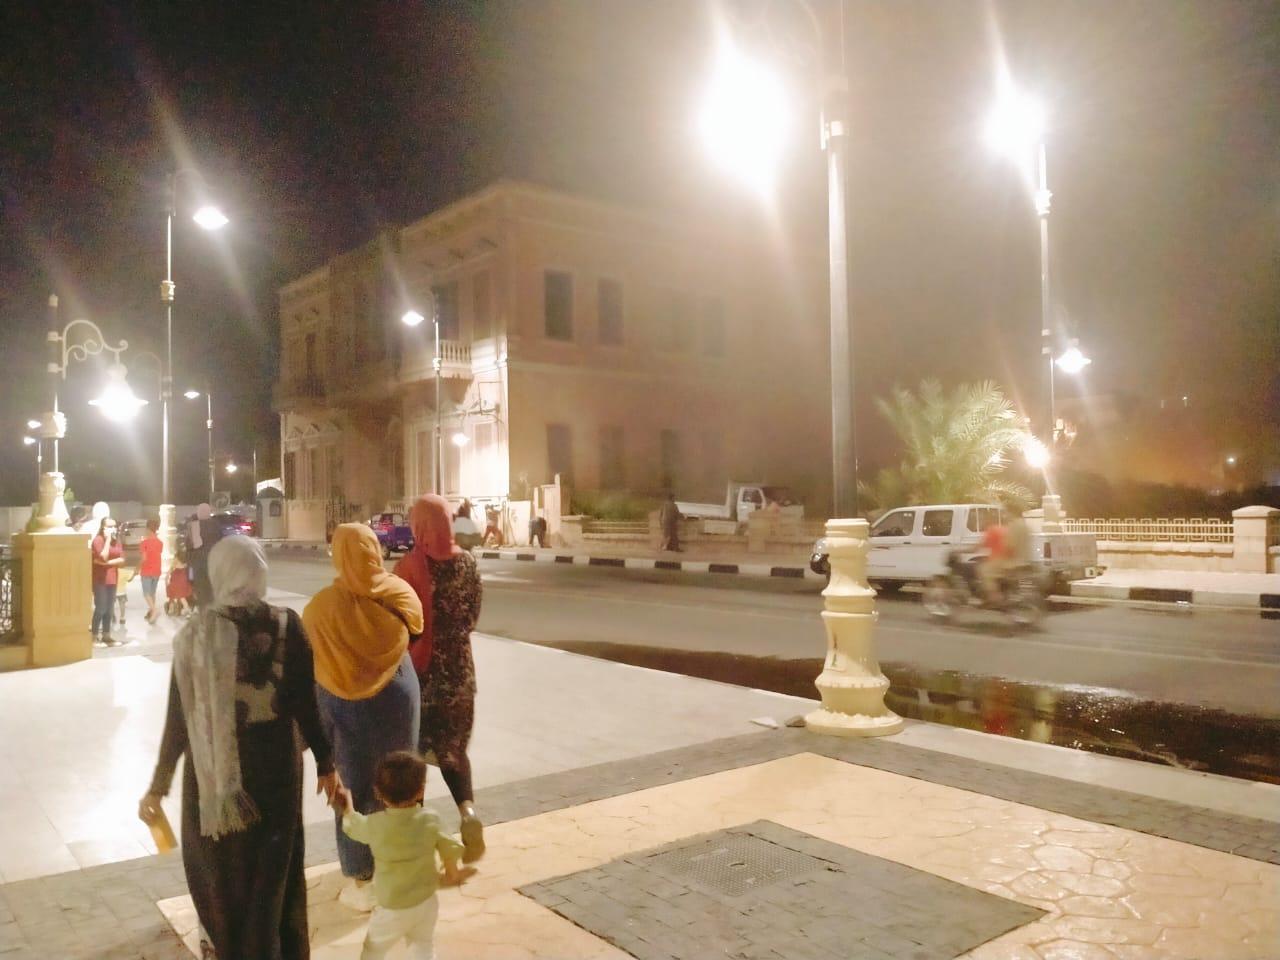 إزالة وهدم قصر أندوراس بكورنيش النيل ضمن خطط تطوير طريق الكباش